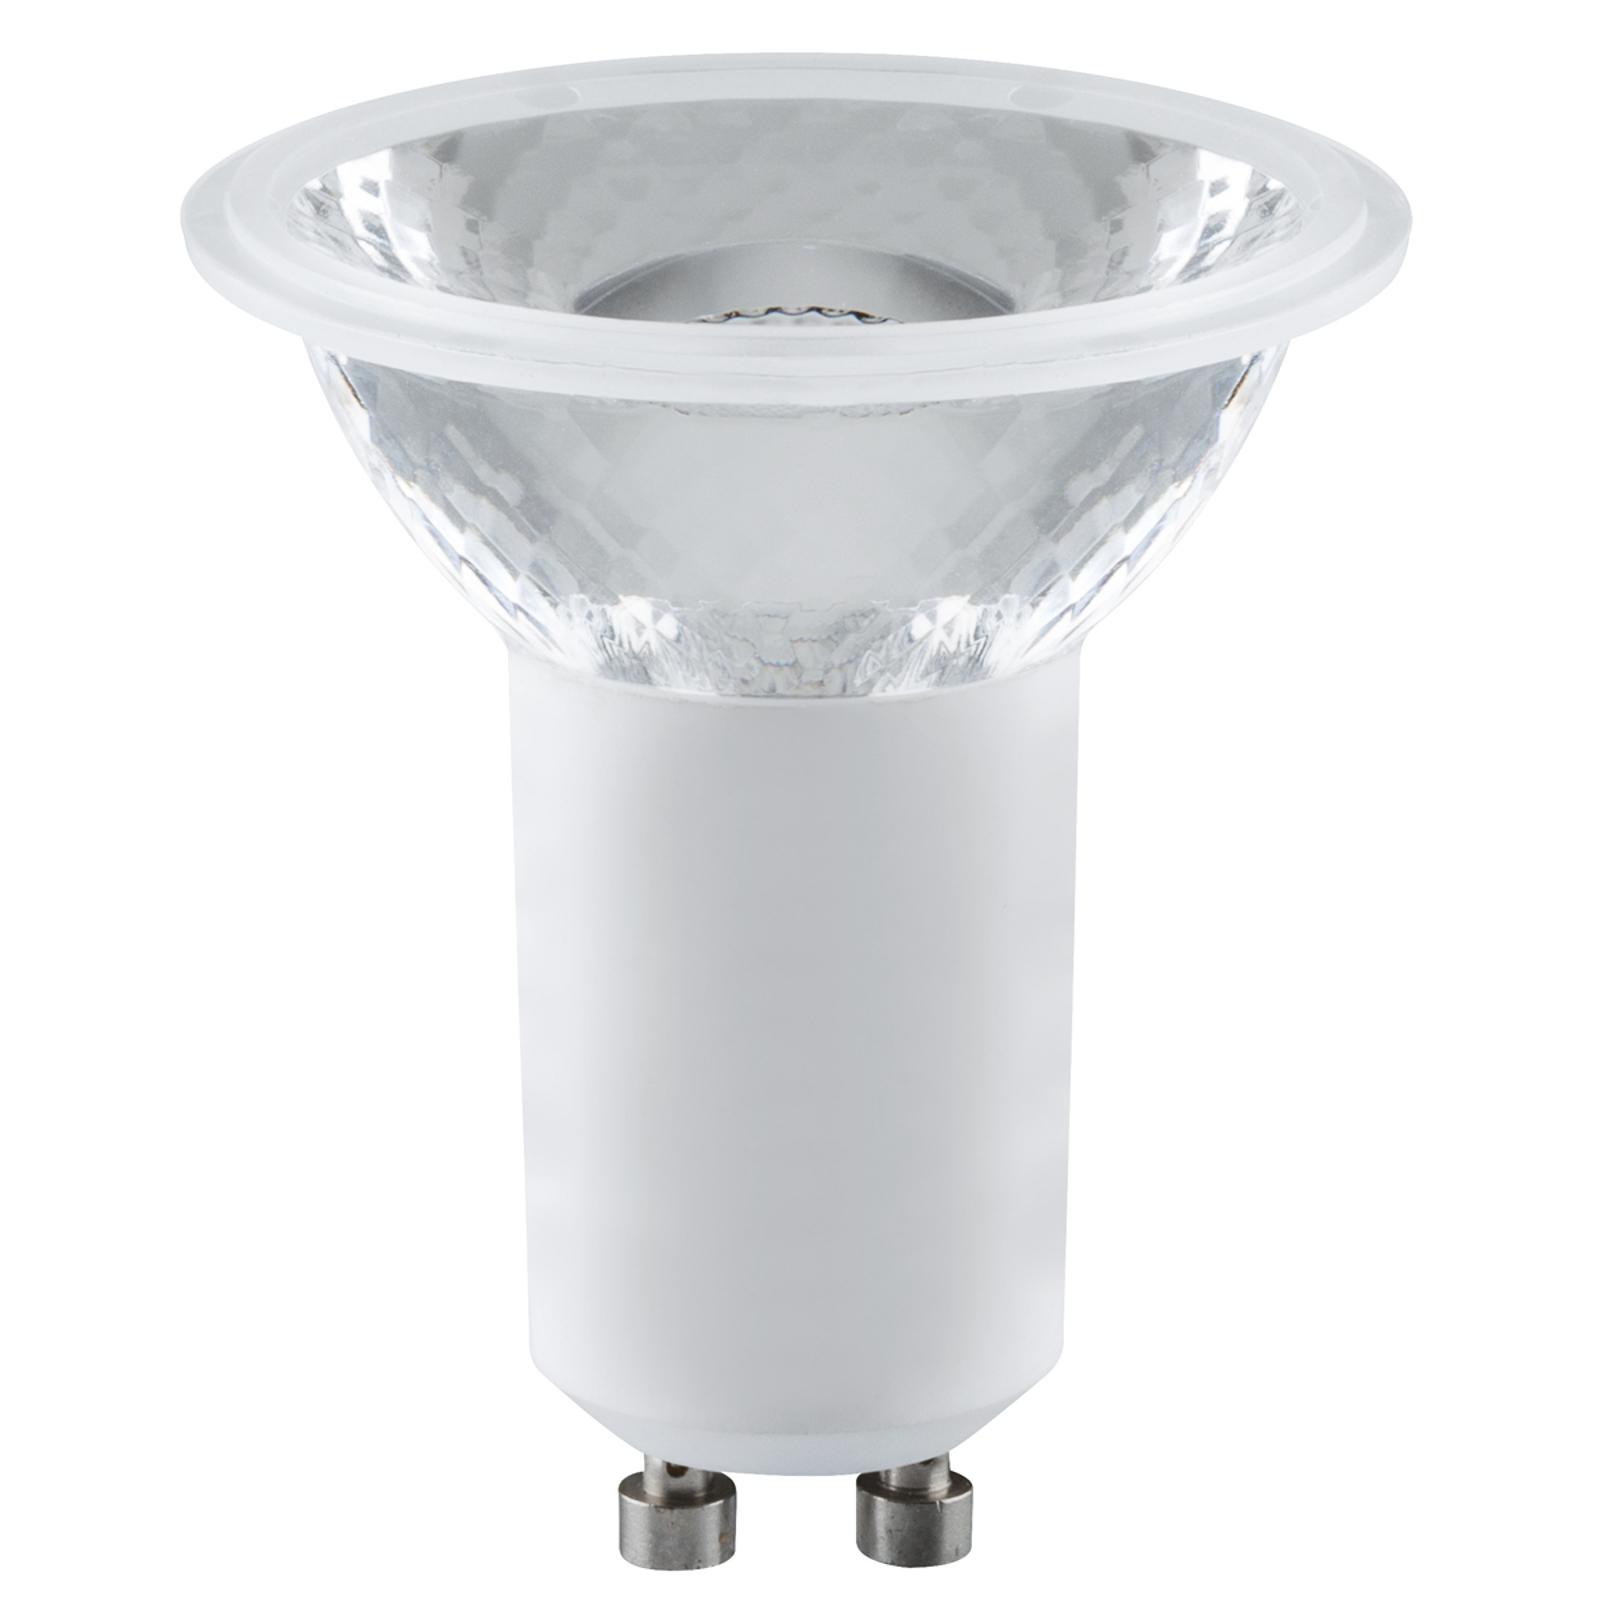 GU10 3W 827 żarówka reflektorowa LED 45°